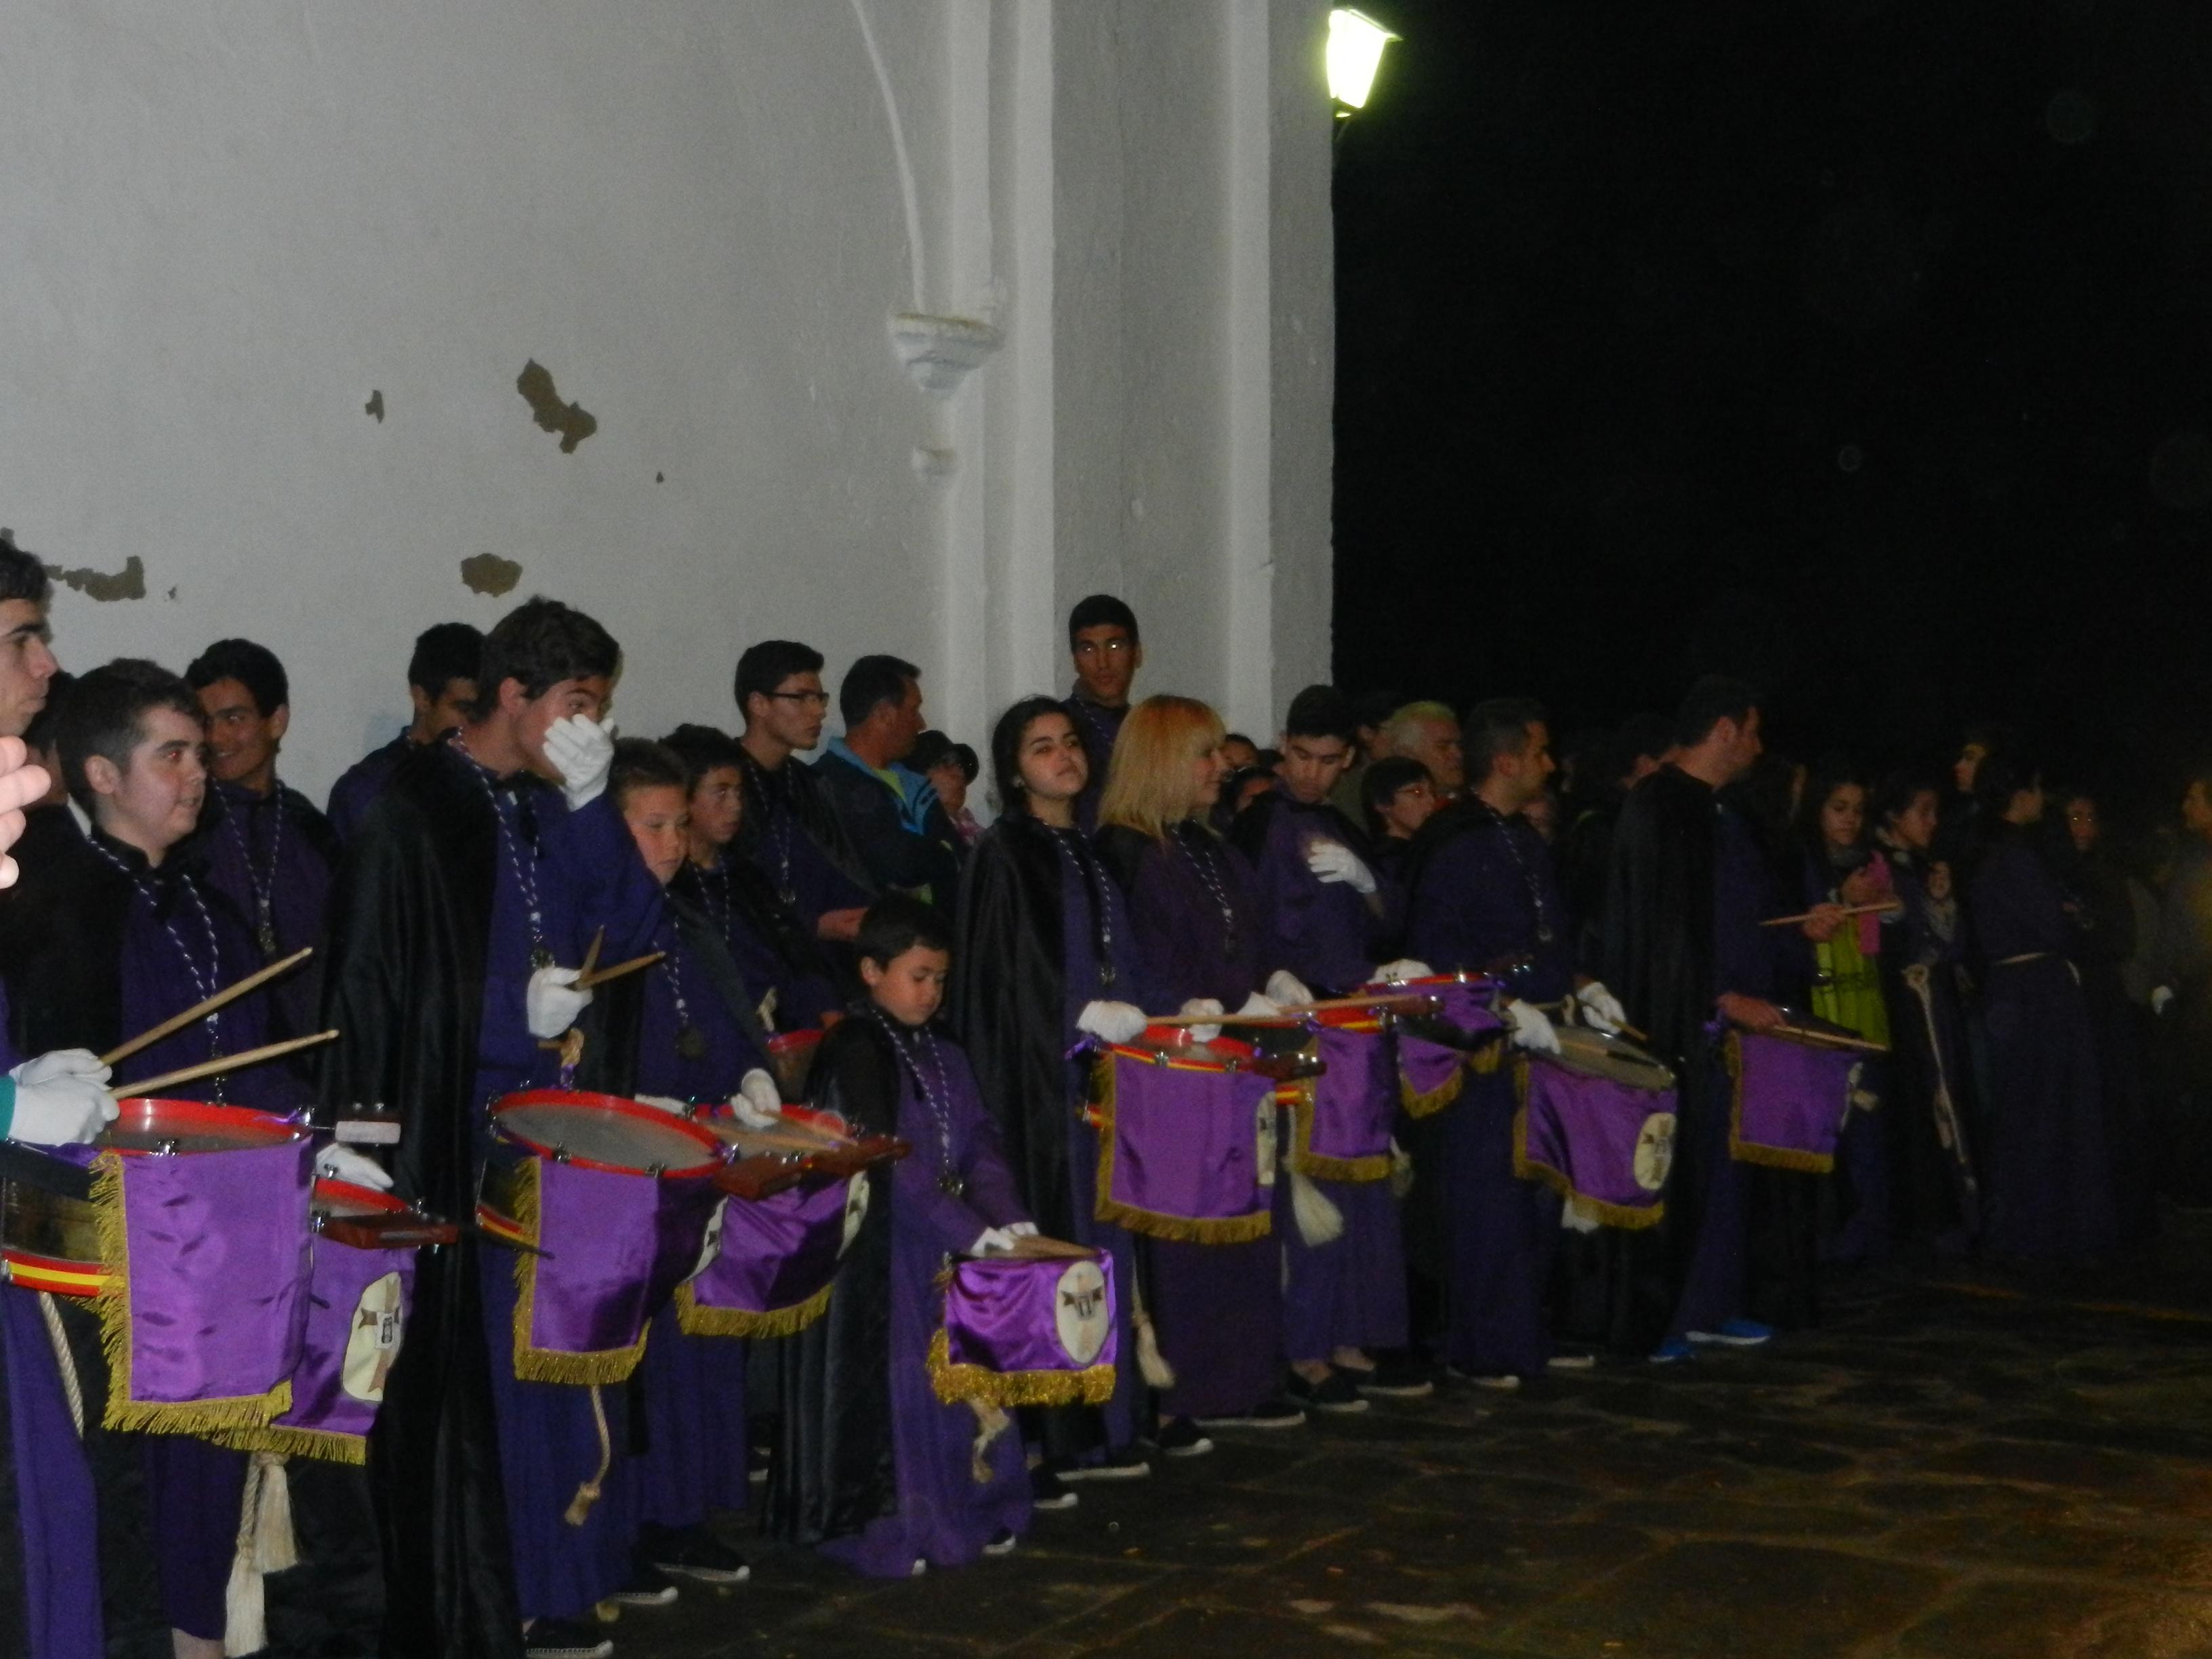 La banda de tambores espera en la puerta del templo